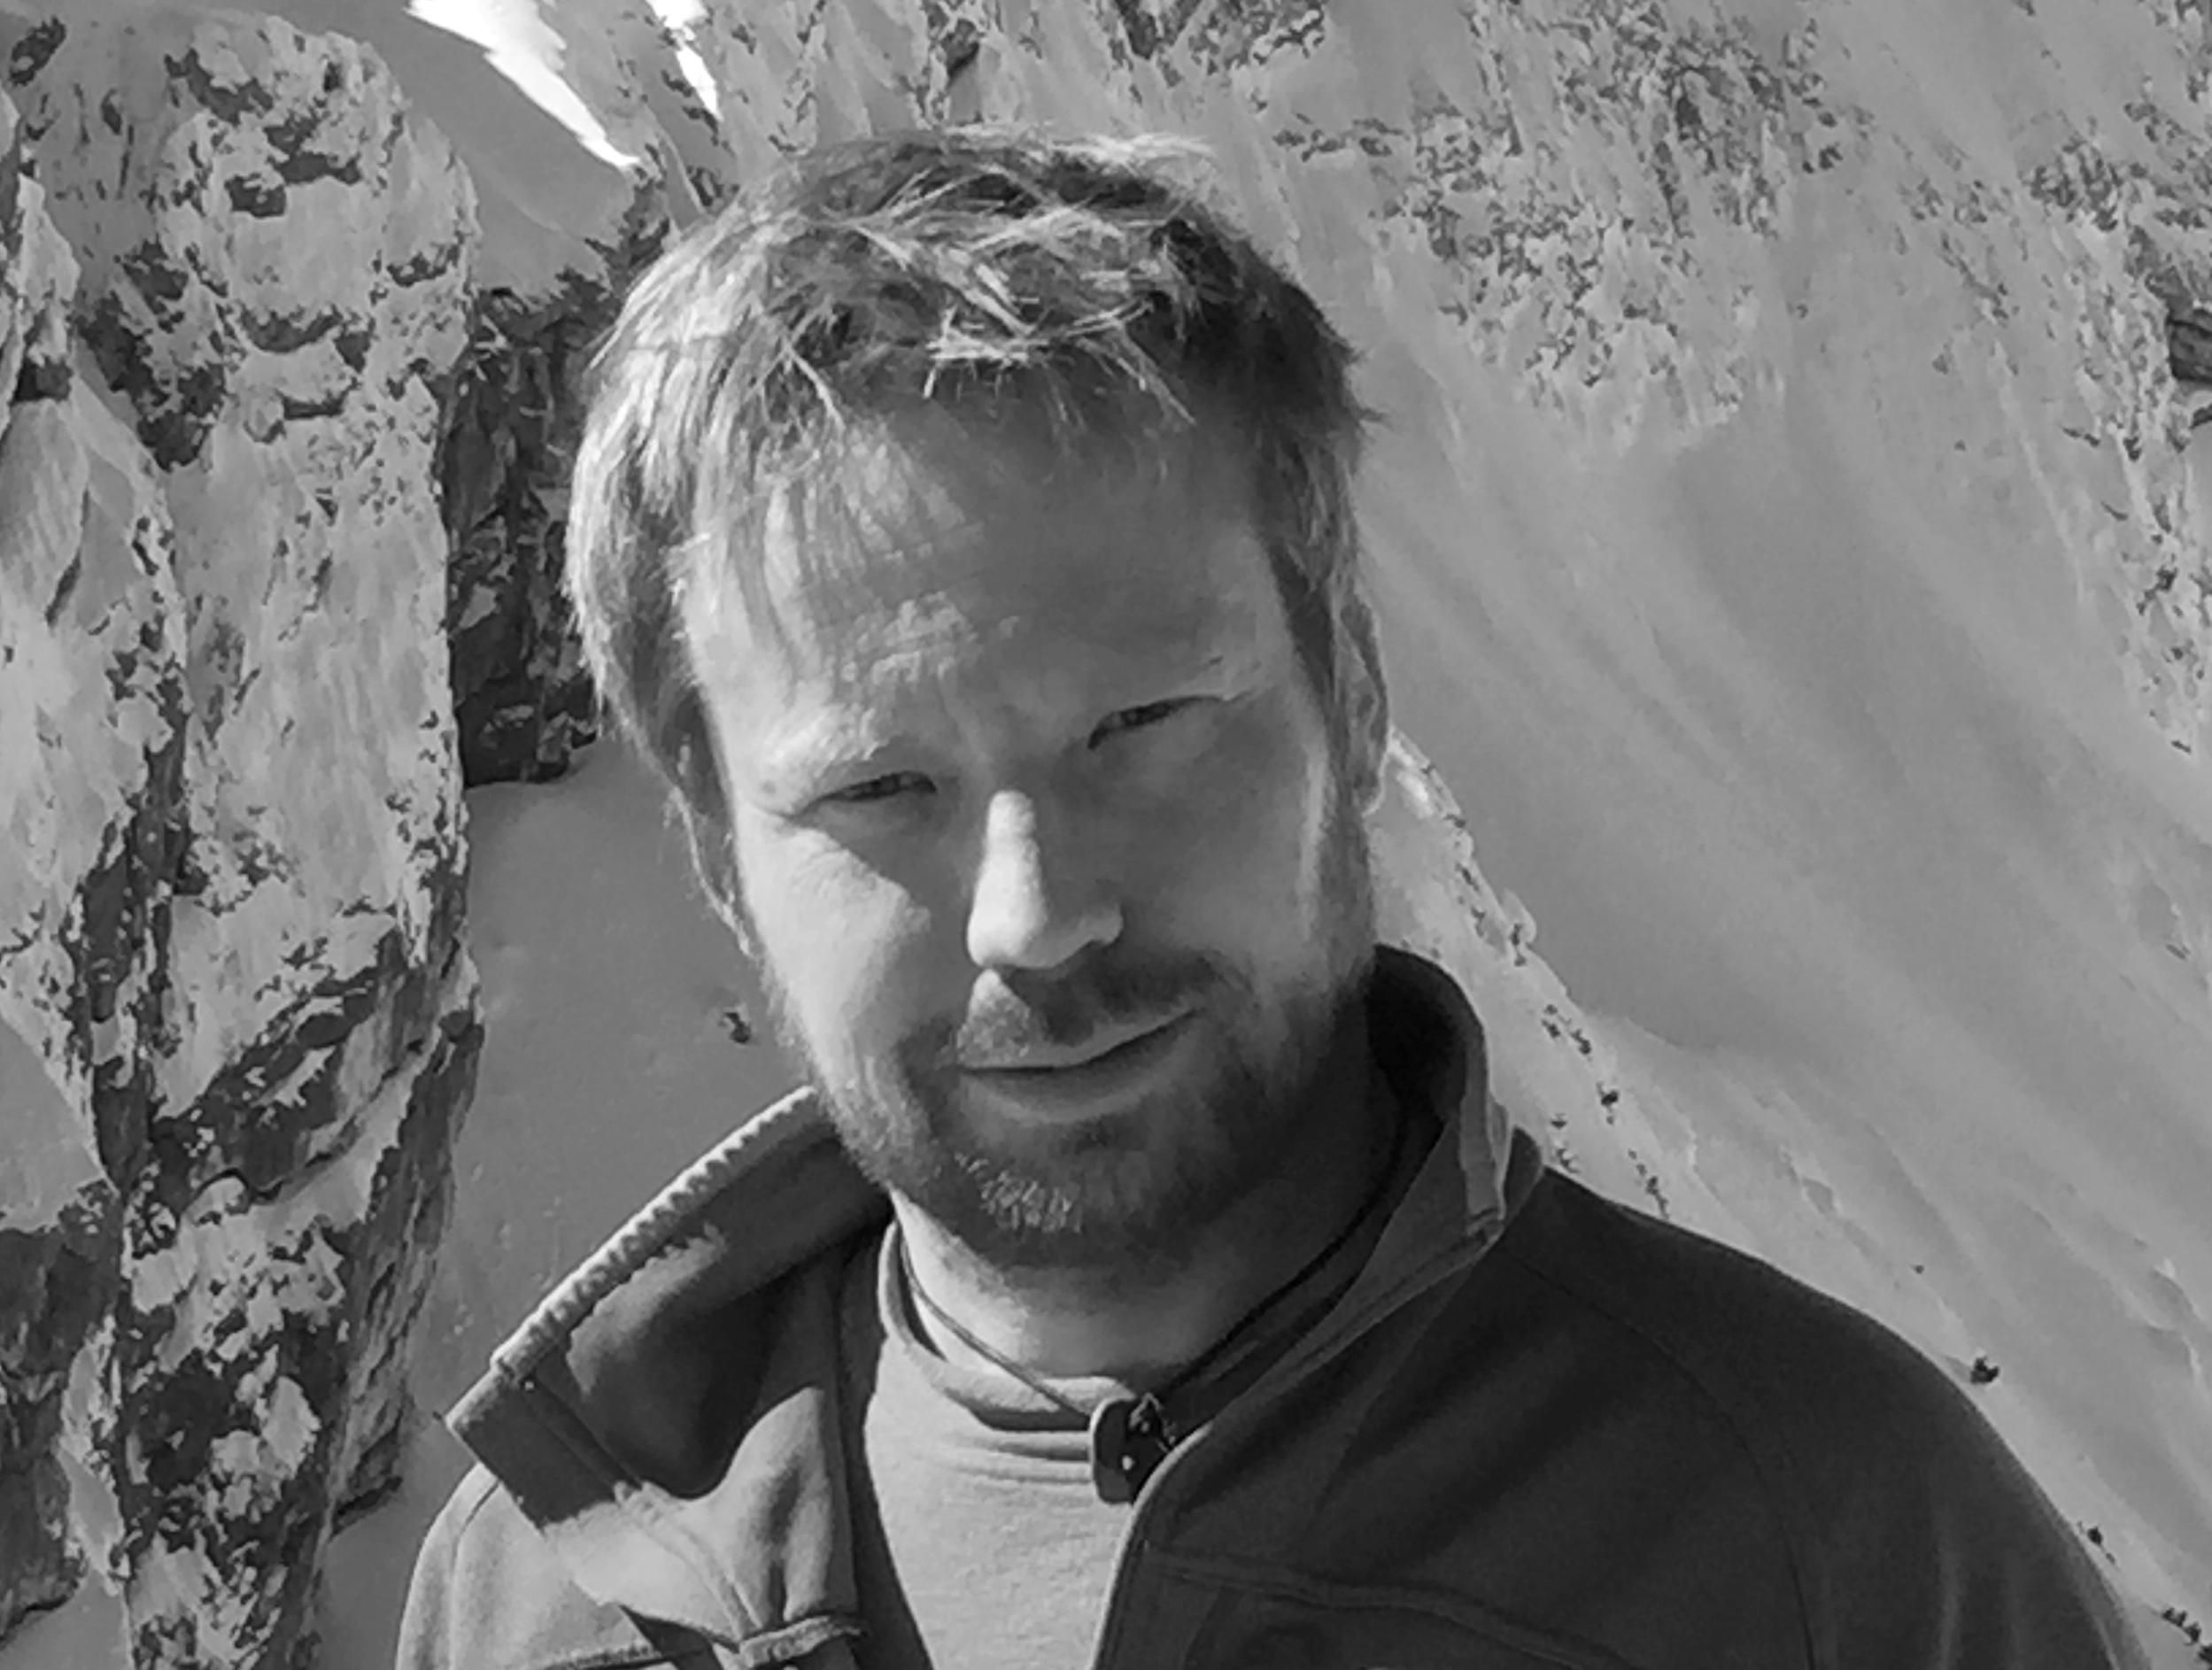 Skylotec Klettergurt Erfahrungen : Sicher im klettersteig skylotec